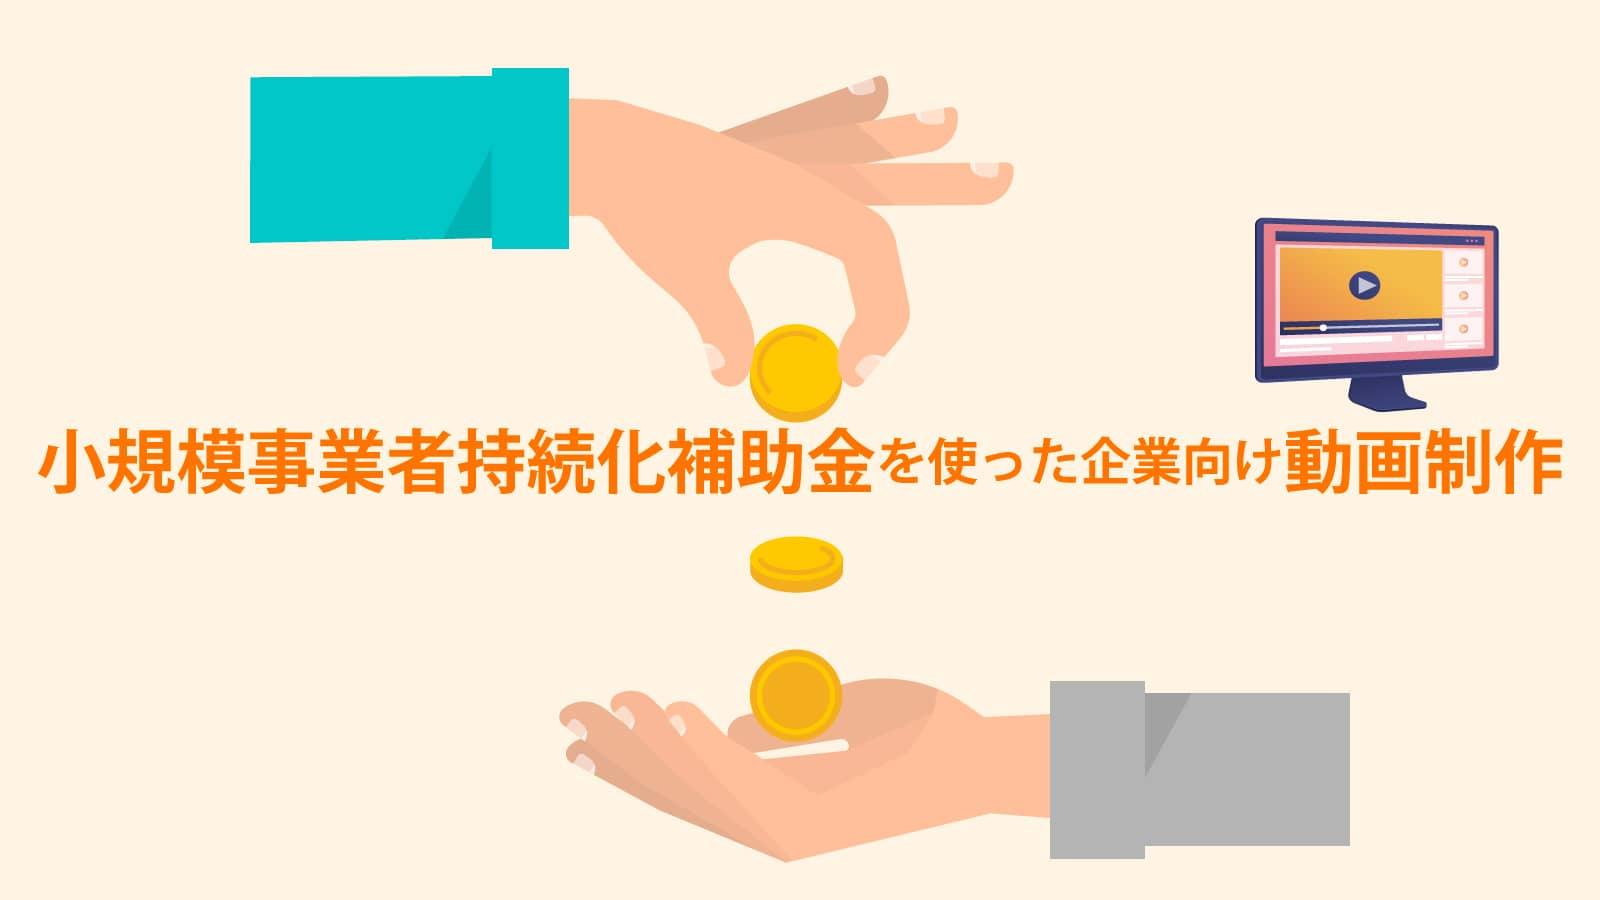 小規模事業者持続化補助金を使った企業向け動画制作